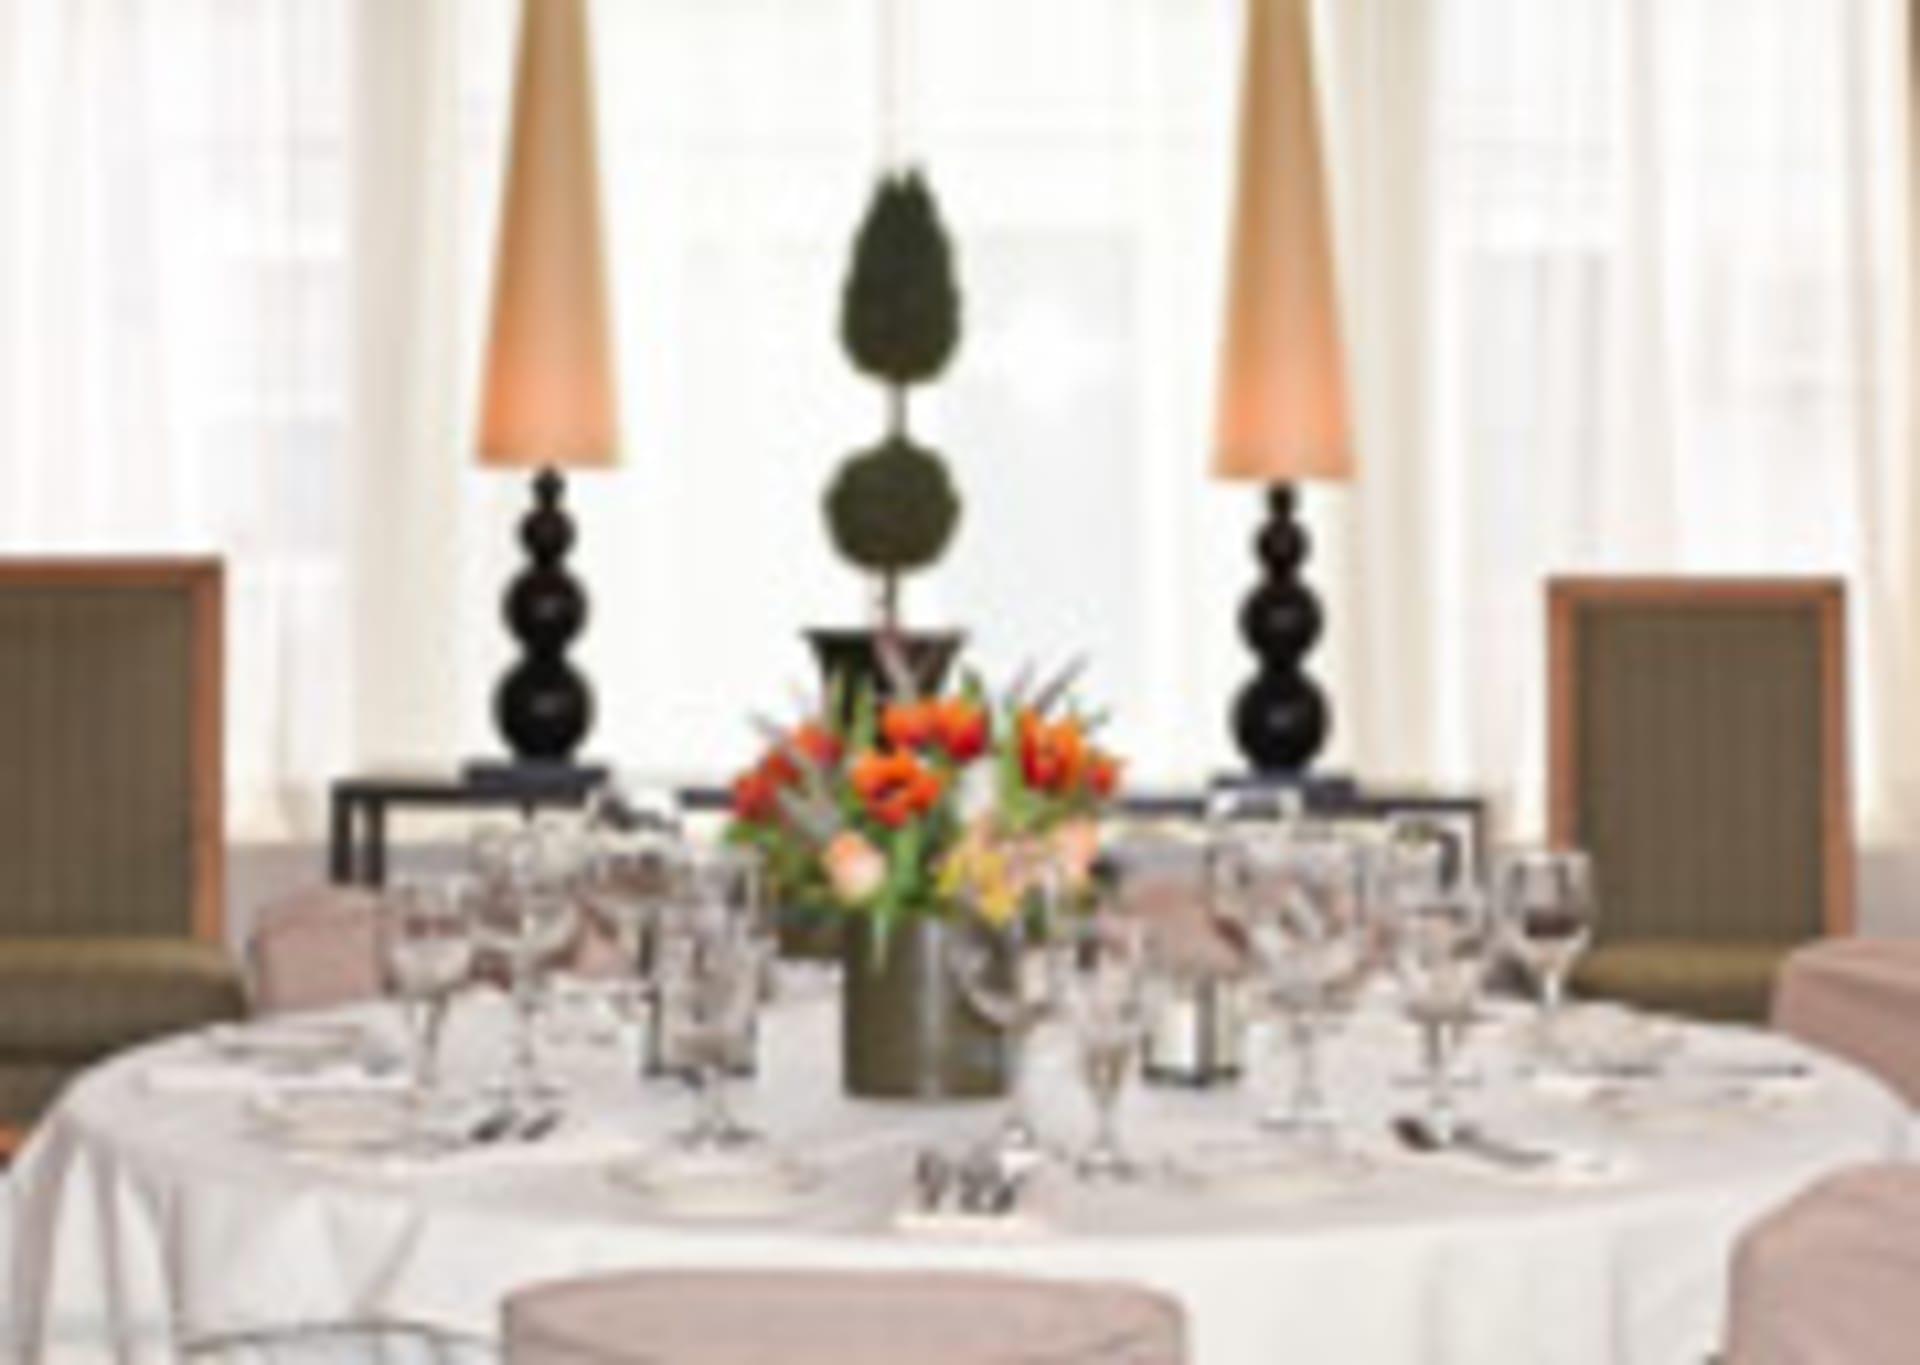 salon table with decor